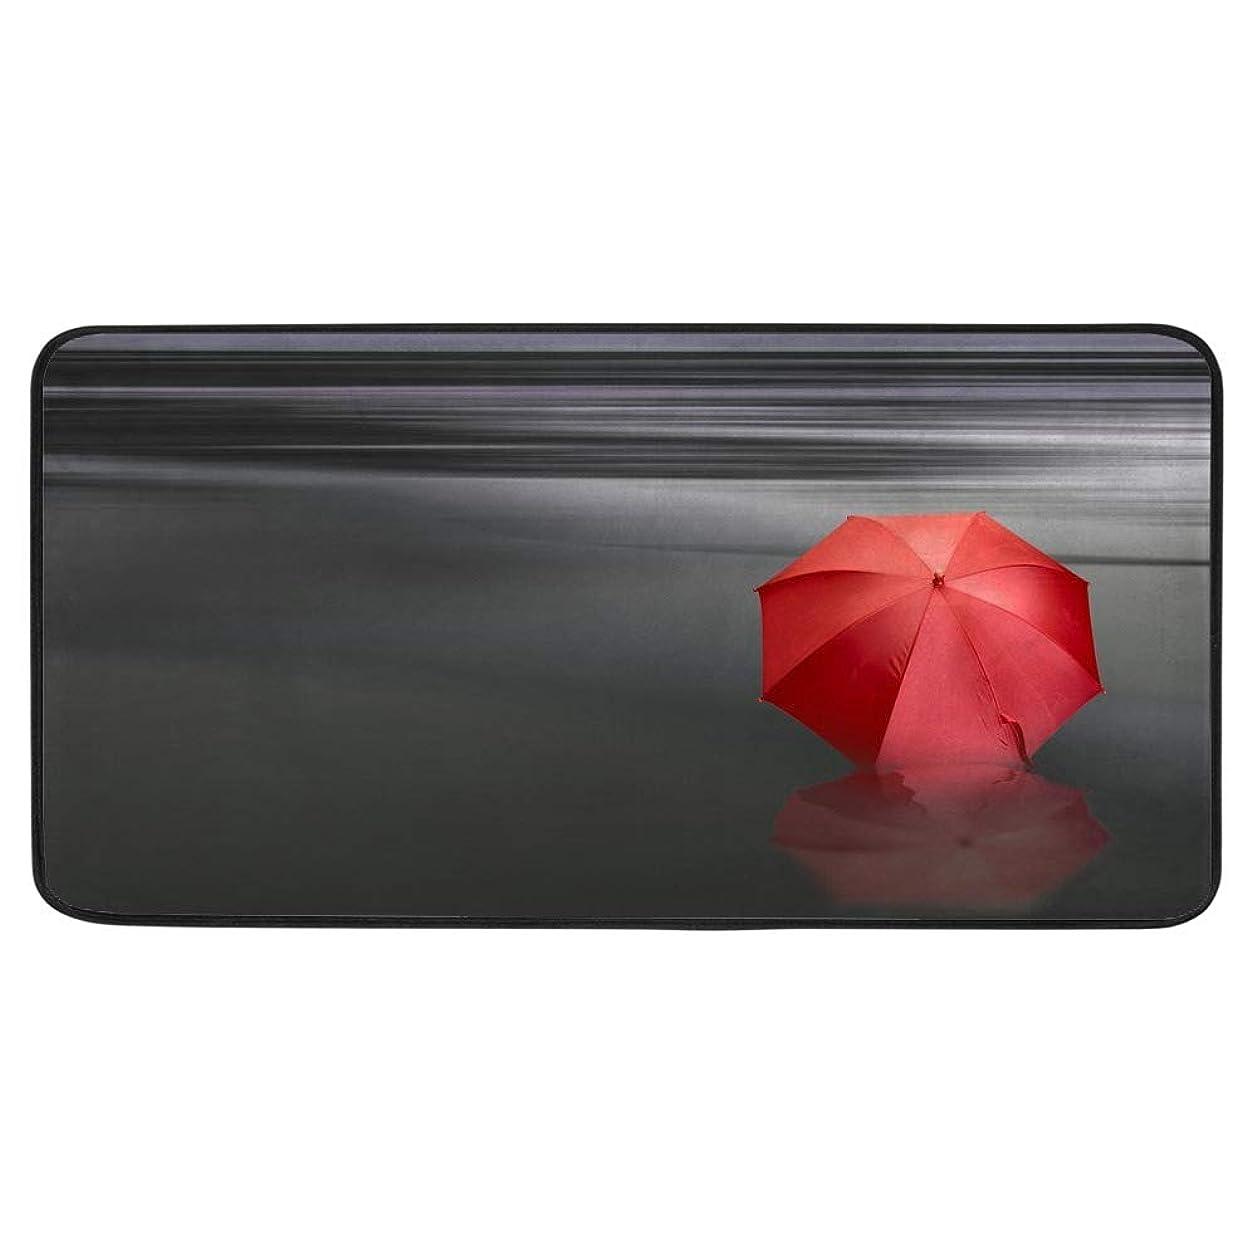 しがみつく批評狼キッチンマット 台所マット 玄関 ラグ?水に赤い傘 マイクロファイバー 滑り止めマット 吸水 速乾 バスルームマット 防臭 抗菌 洗える リビングルーム カーペット